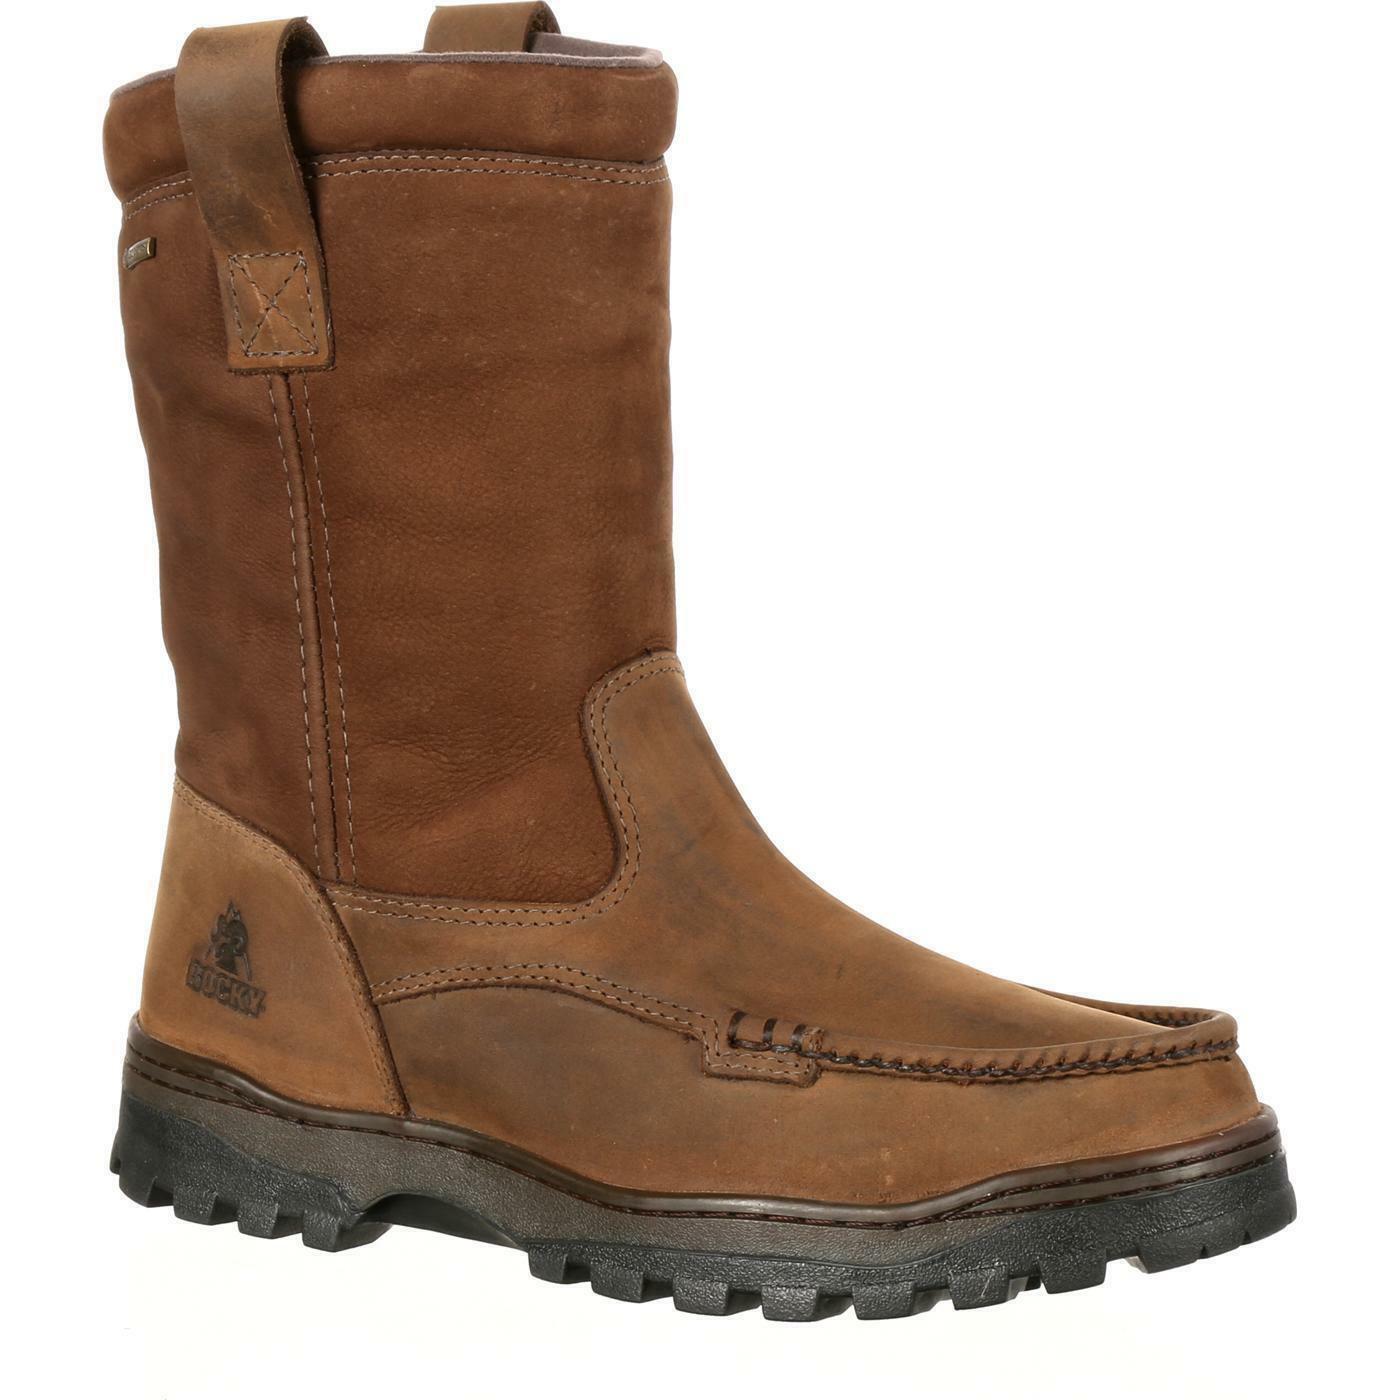 Rocky RKS0255 Outback GORE-TEX Waterproof Wellington Moc Toe Boot